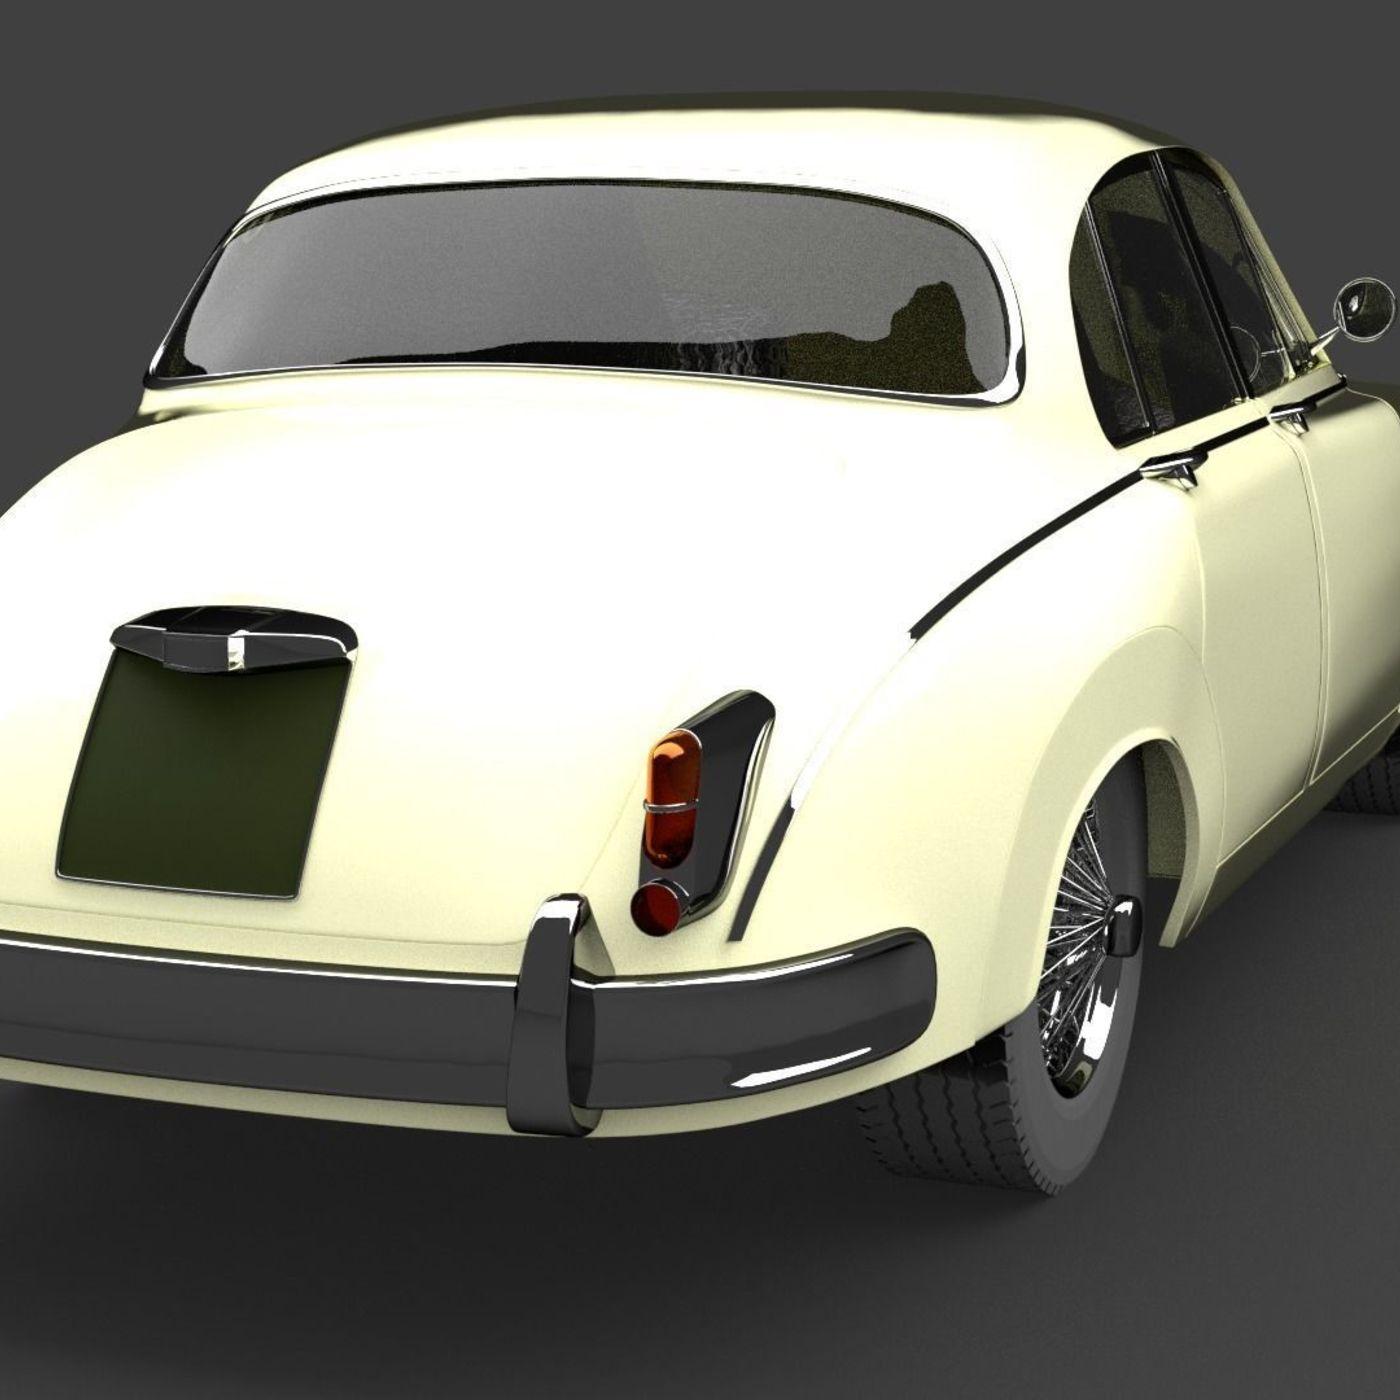 1959 Jaguar Mark 2 Saloon